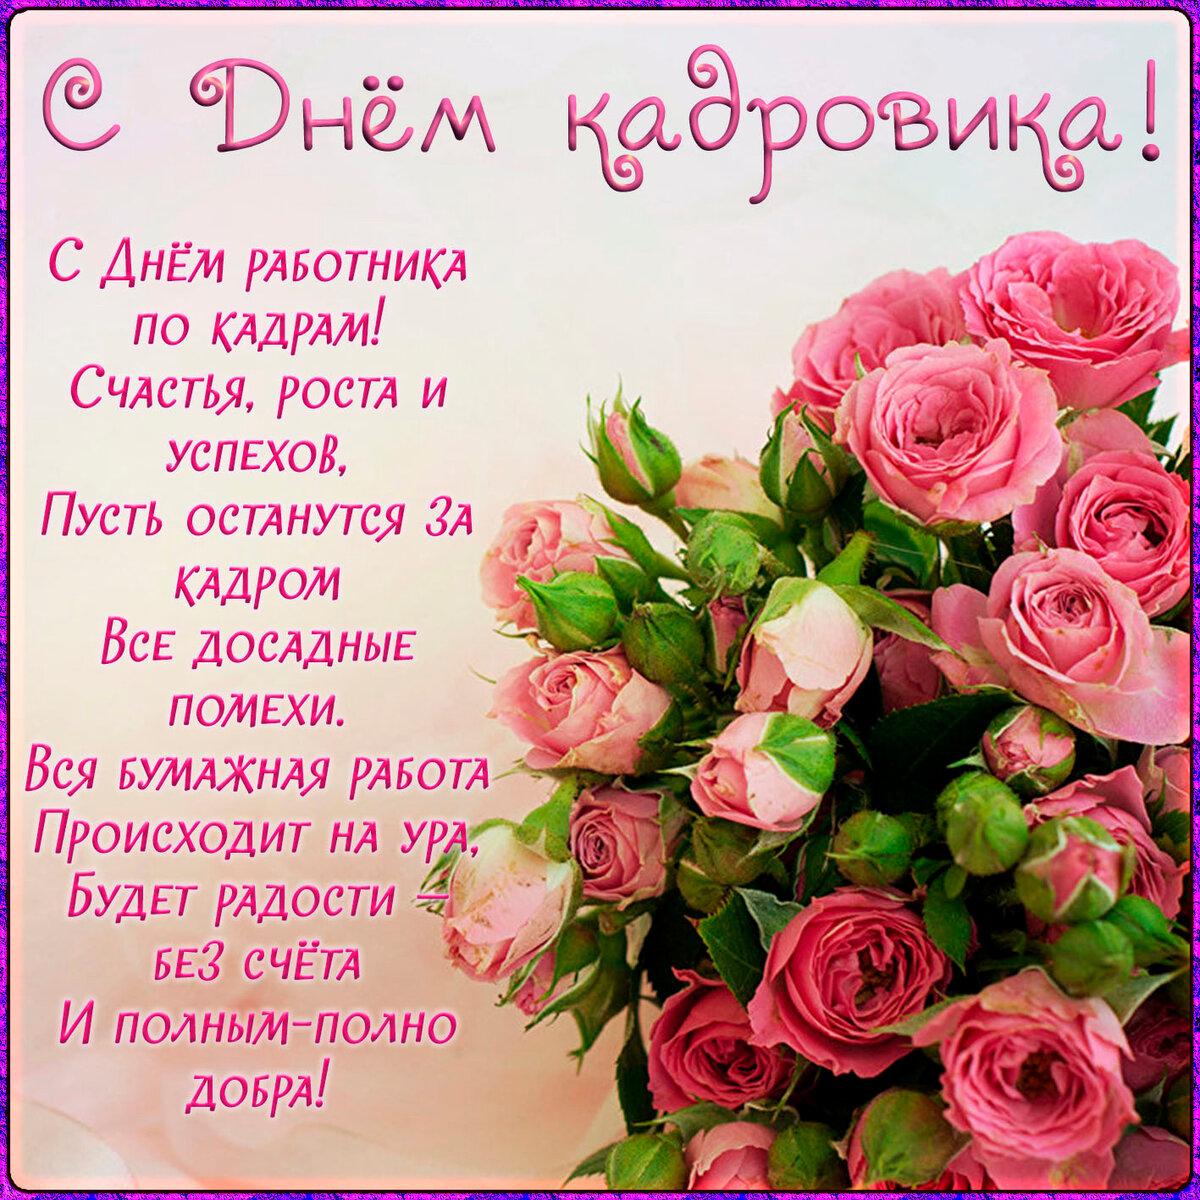 Поздравление с днем рождения кадровику женщине